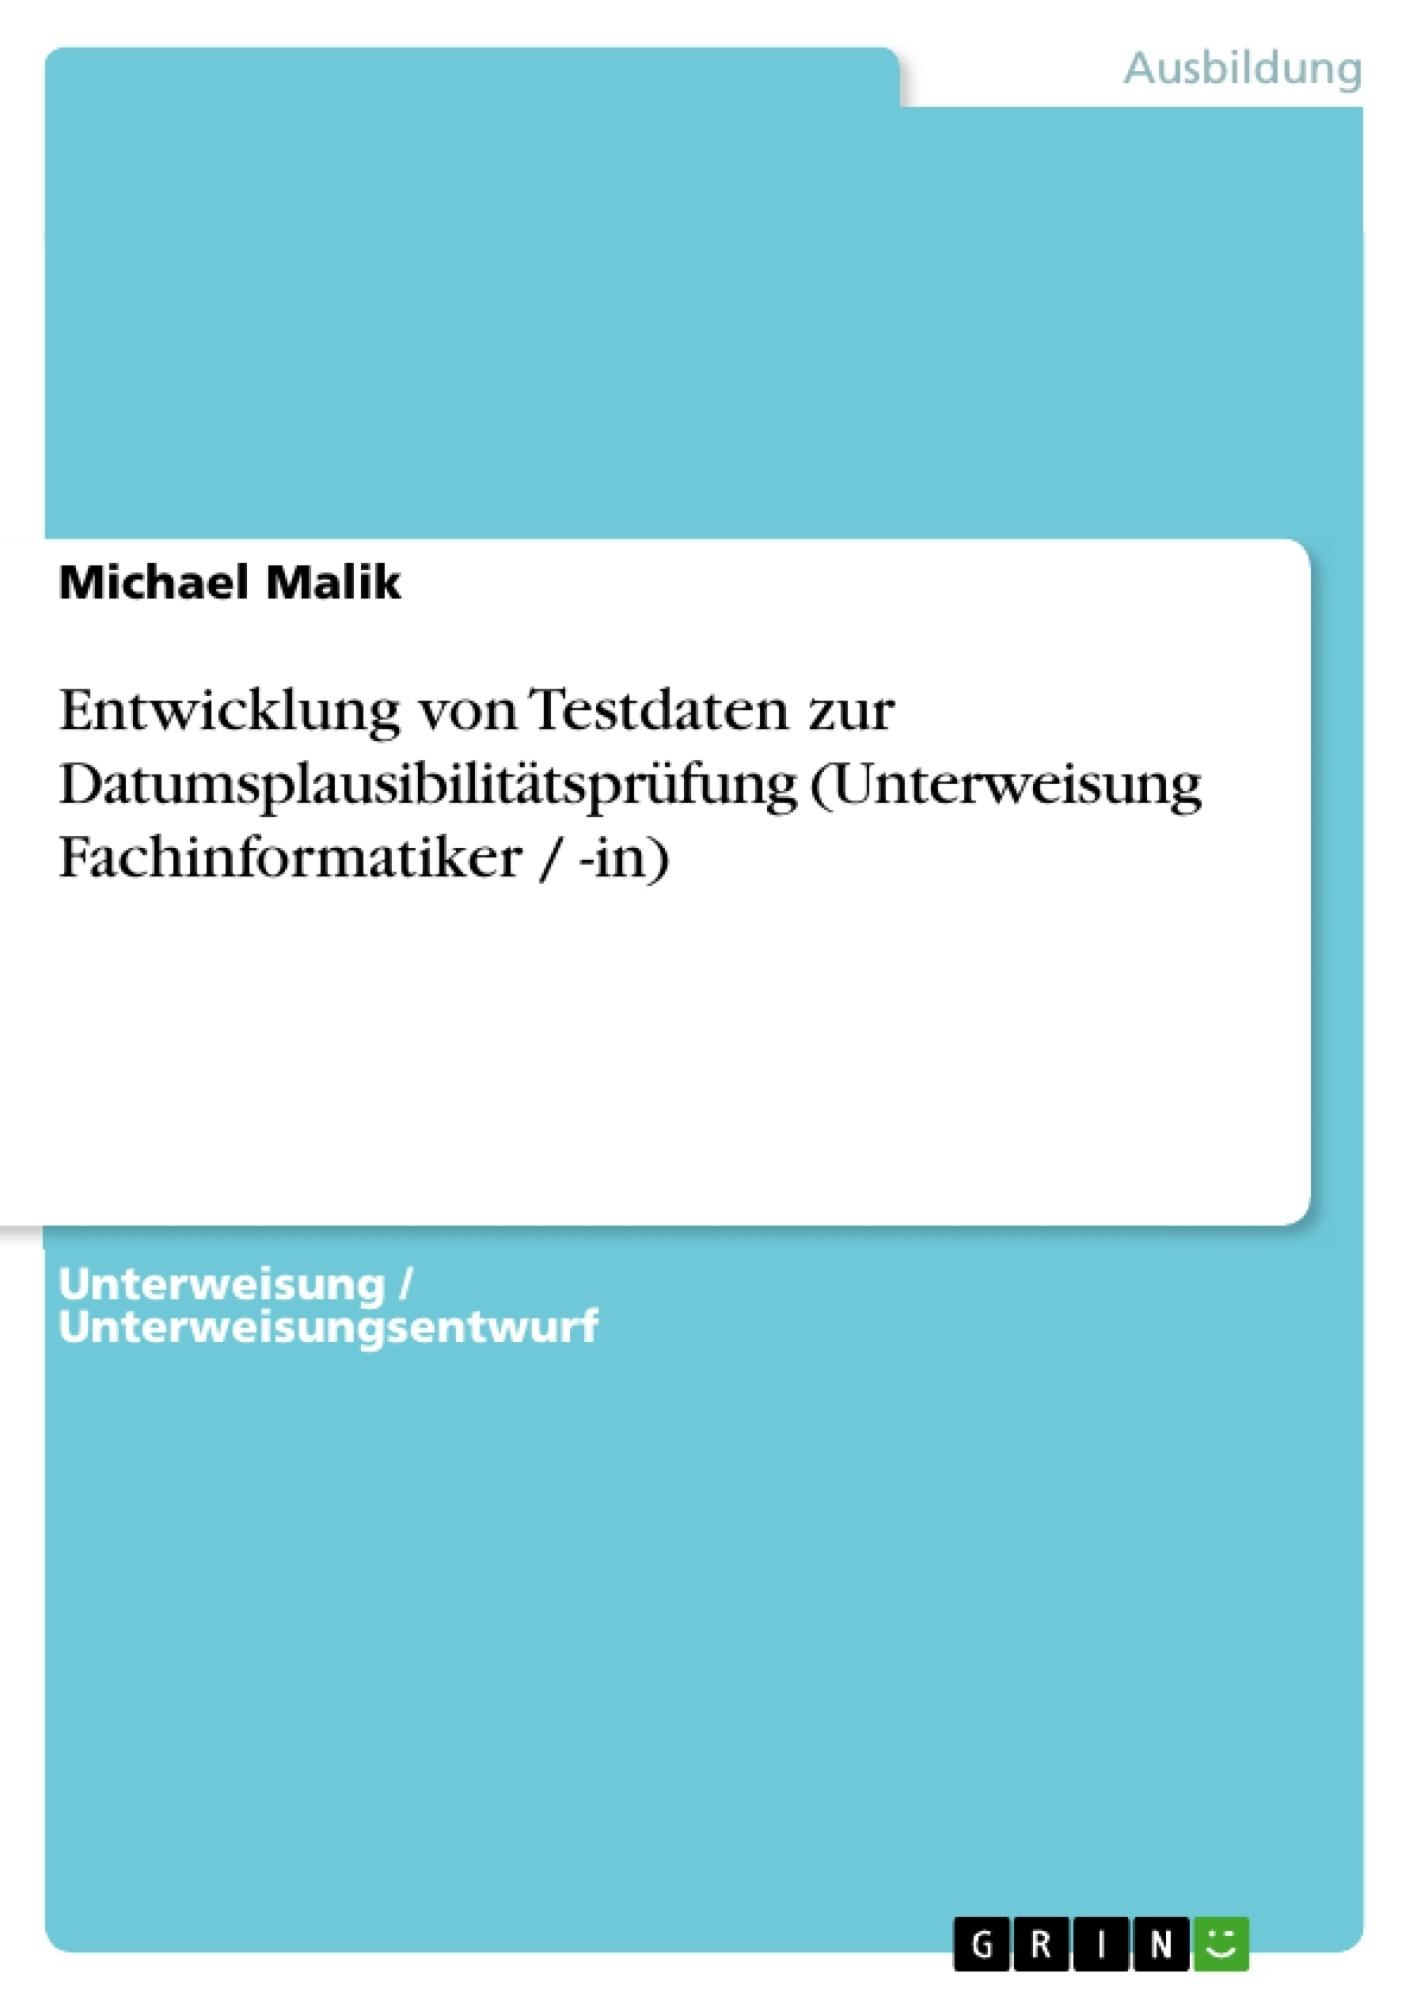 Titel: Entwicklung von Testdaten zur Datumsplausibilitätsprüfung (Unterweisung Fachinformatiker / -in)